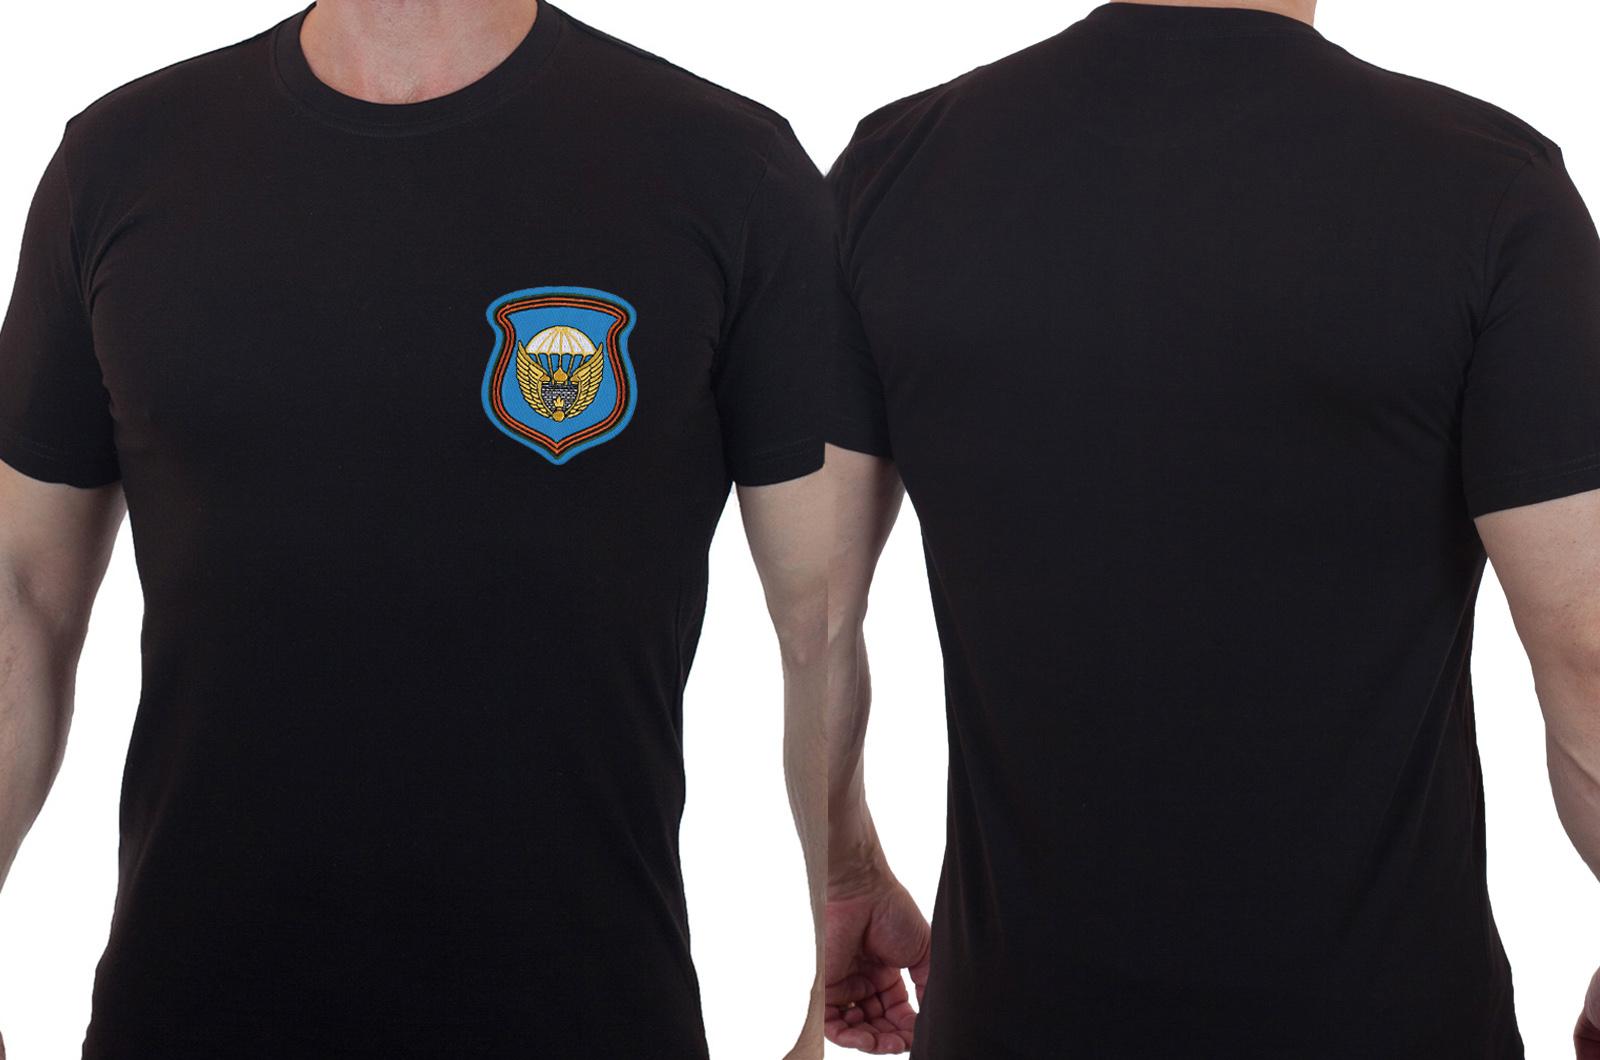 Стильная военная футболка с вышитой эмблемой 106 гв. ВДД - купить в подарок